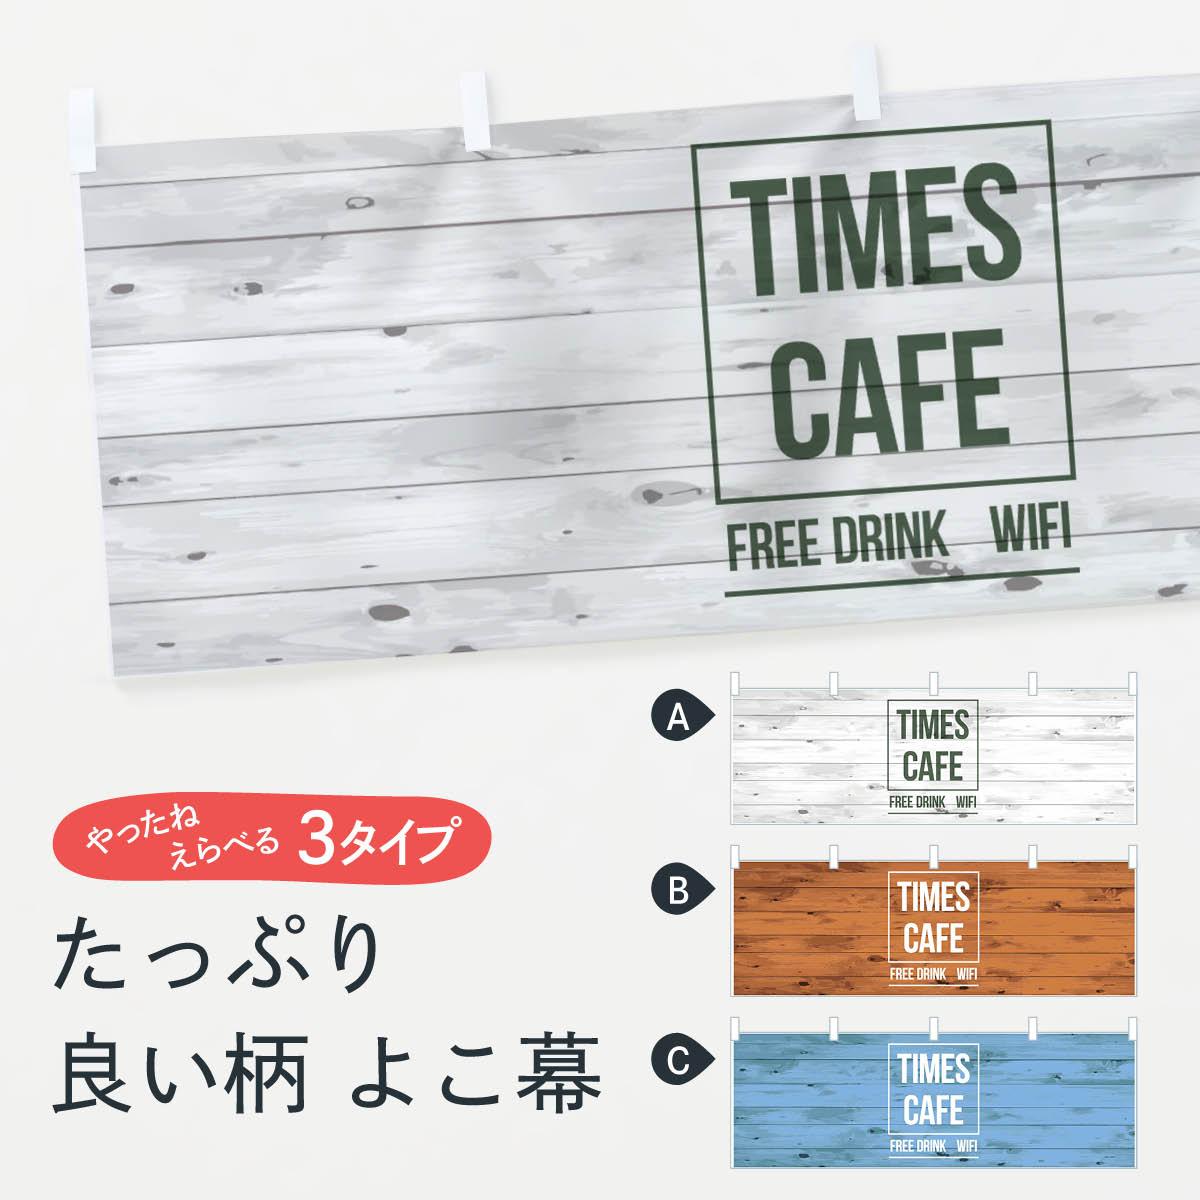 本物 横幕 タイムズカフェ 低価格に対して高品質とデザイン性で選ばれてます 3980送料無料 各サイズや仕様にも対応 上等 時間制カフェ